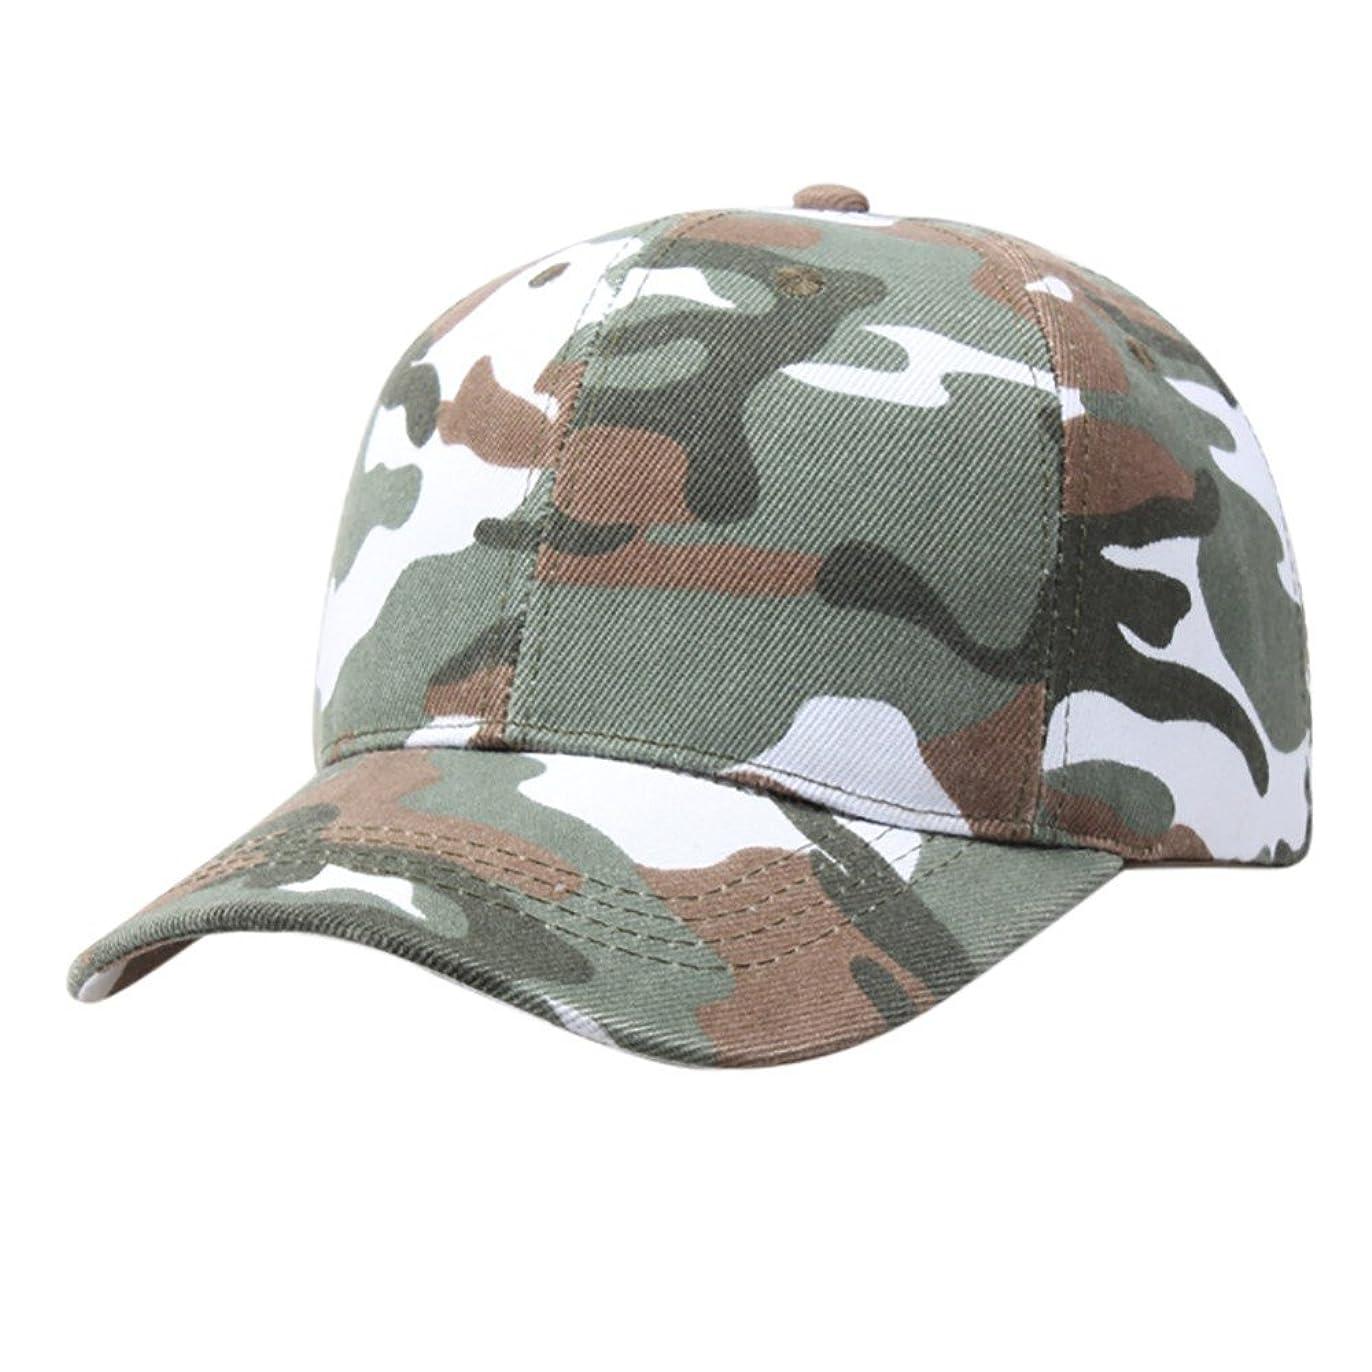 素敵な含める引き付けるRacazing Cap 迷彩 野球帽 軍用 通気性のある ヒップホップ 帽子 夏 登山 緑 可調整可能 棒球帽 男女兼用 UV 帽子 軽量 屋外 カモフラージュ Unisex Cap (緑)